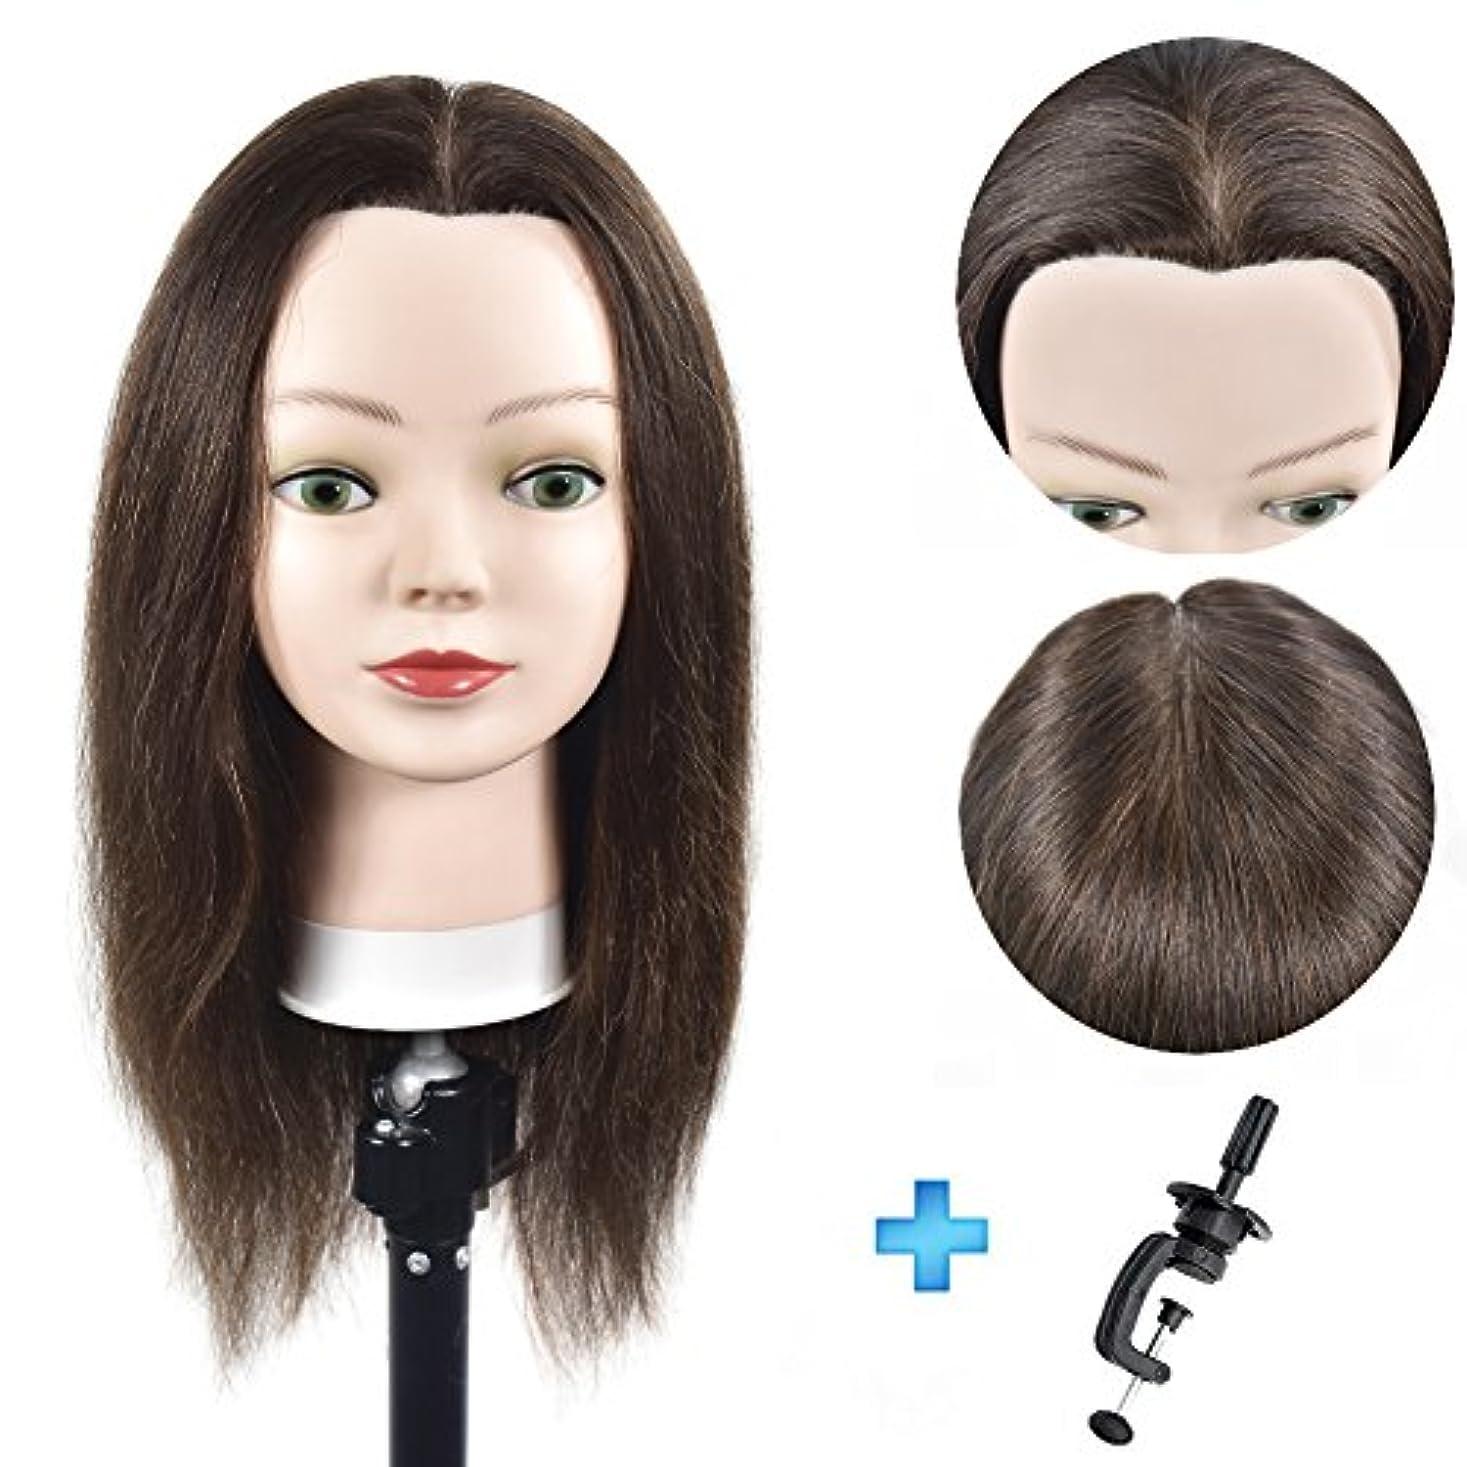 触手管理します関係ない16インチマネキンヘッド100%人間の髪の美容師のトレーニングヘッドマネキン美容師の人形ヘッド(テーブルクランプスタンドが含まれています)